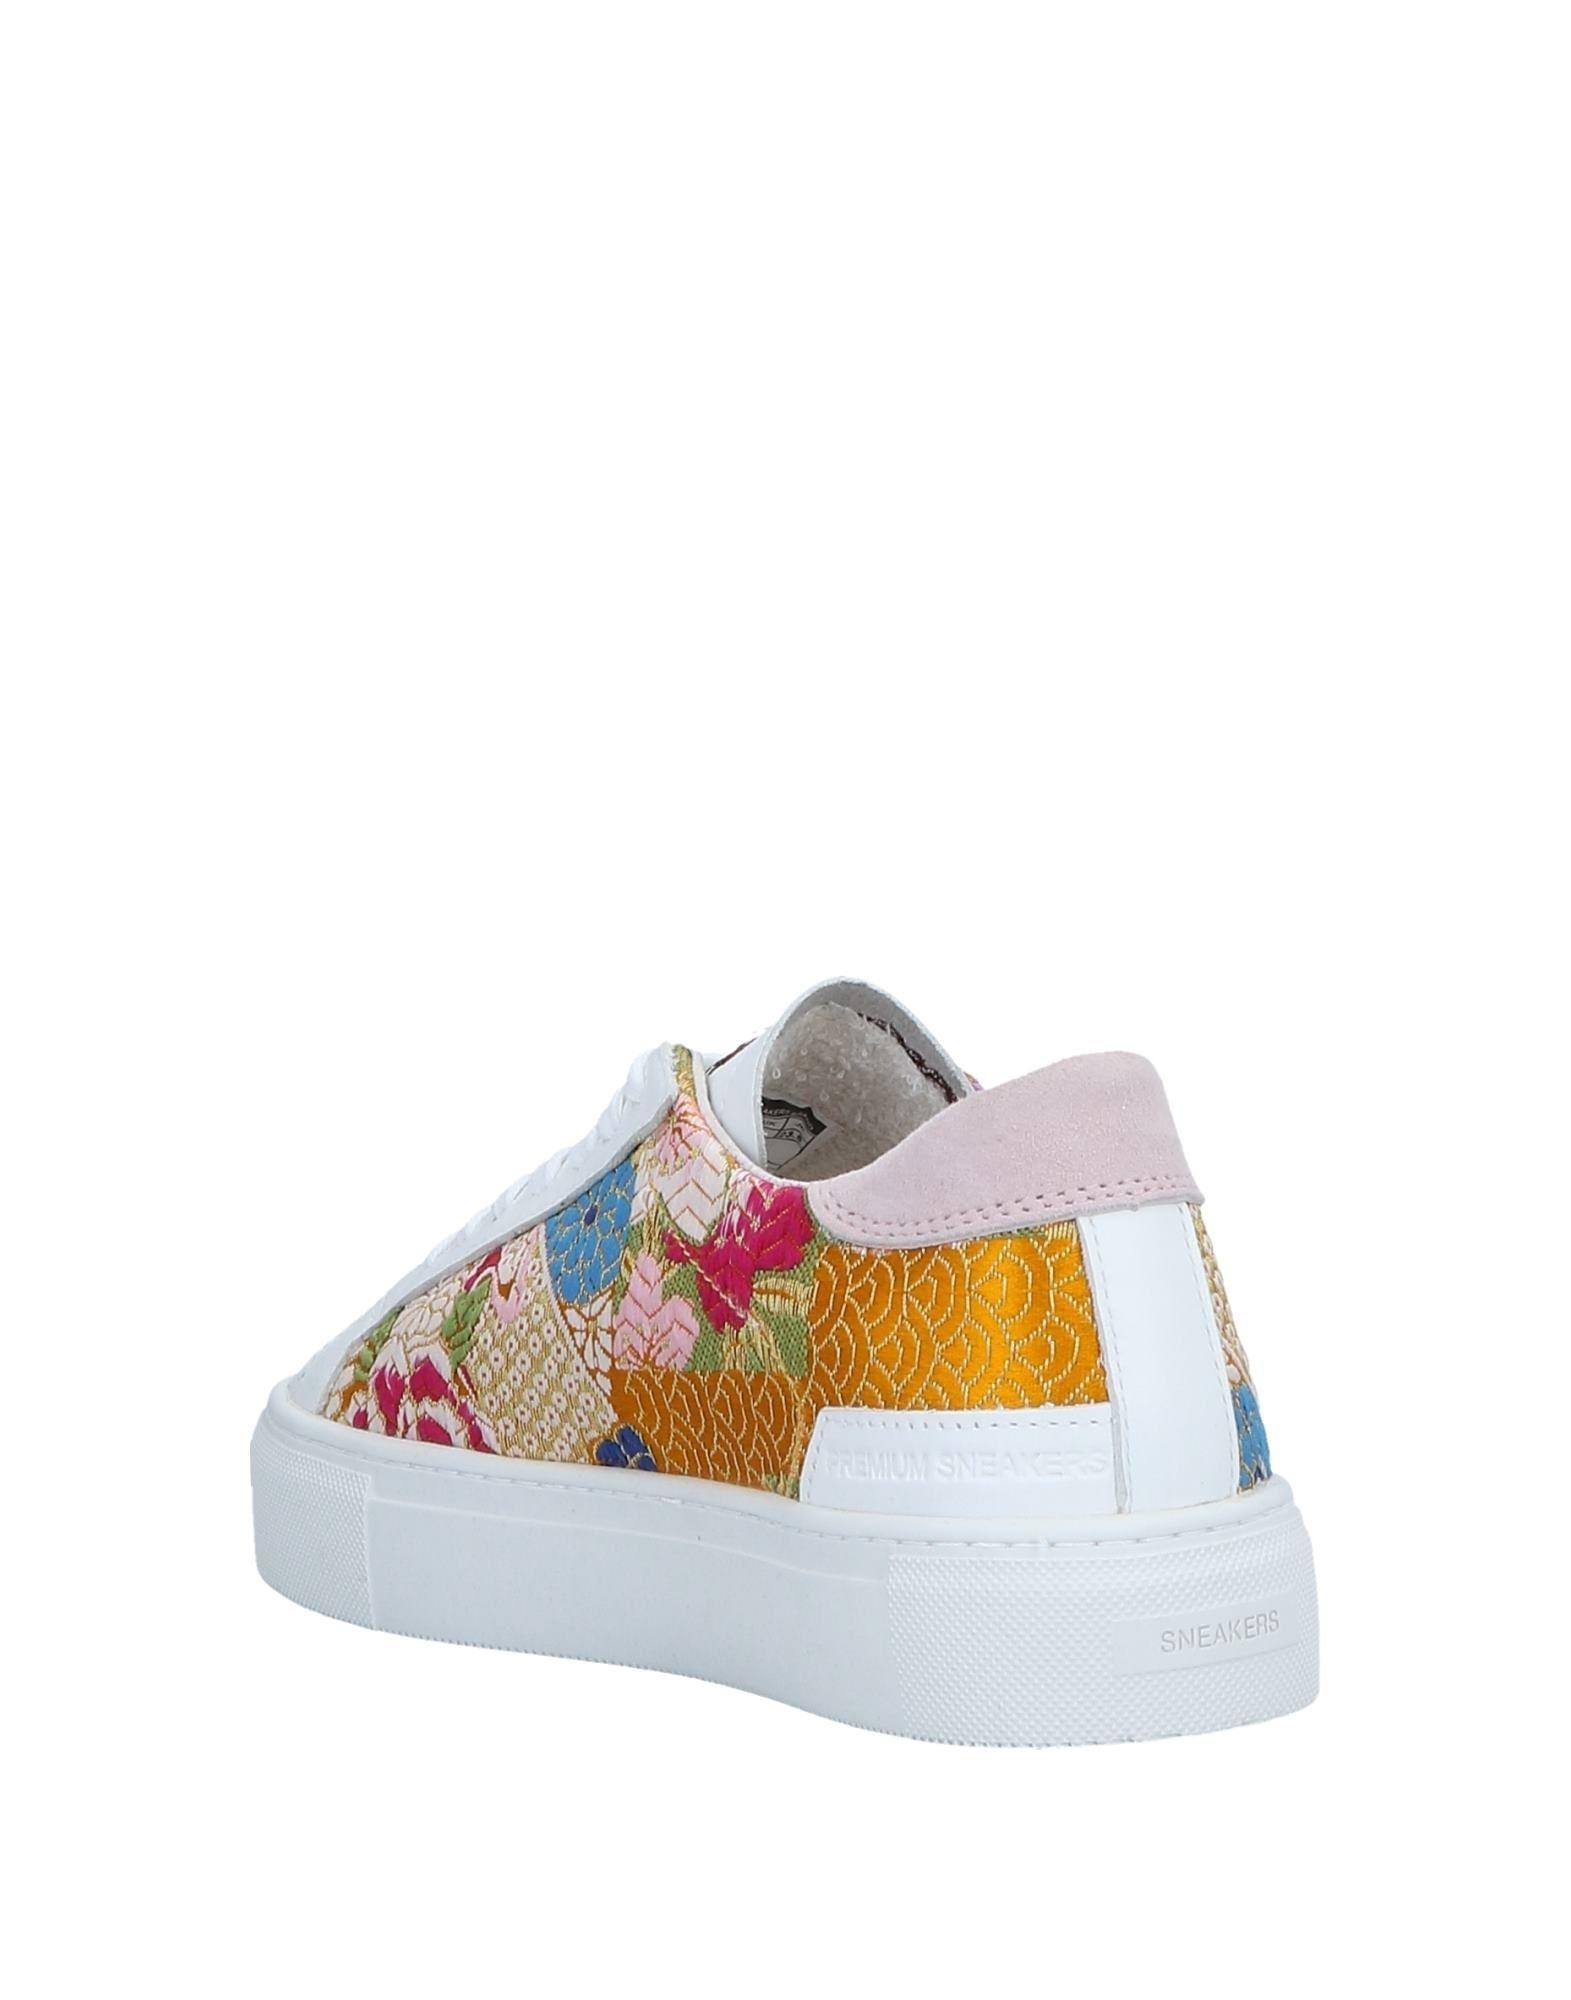 Gut um Sneakers billige Schuhe zu tragenD.A.T.E. Sneakers um Damen  11518866HA 026611